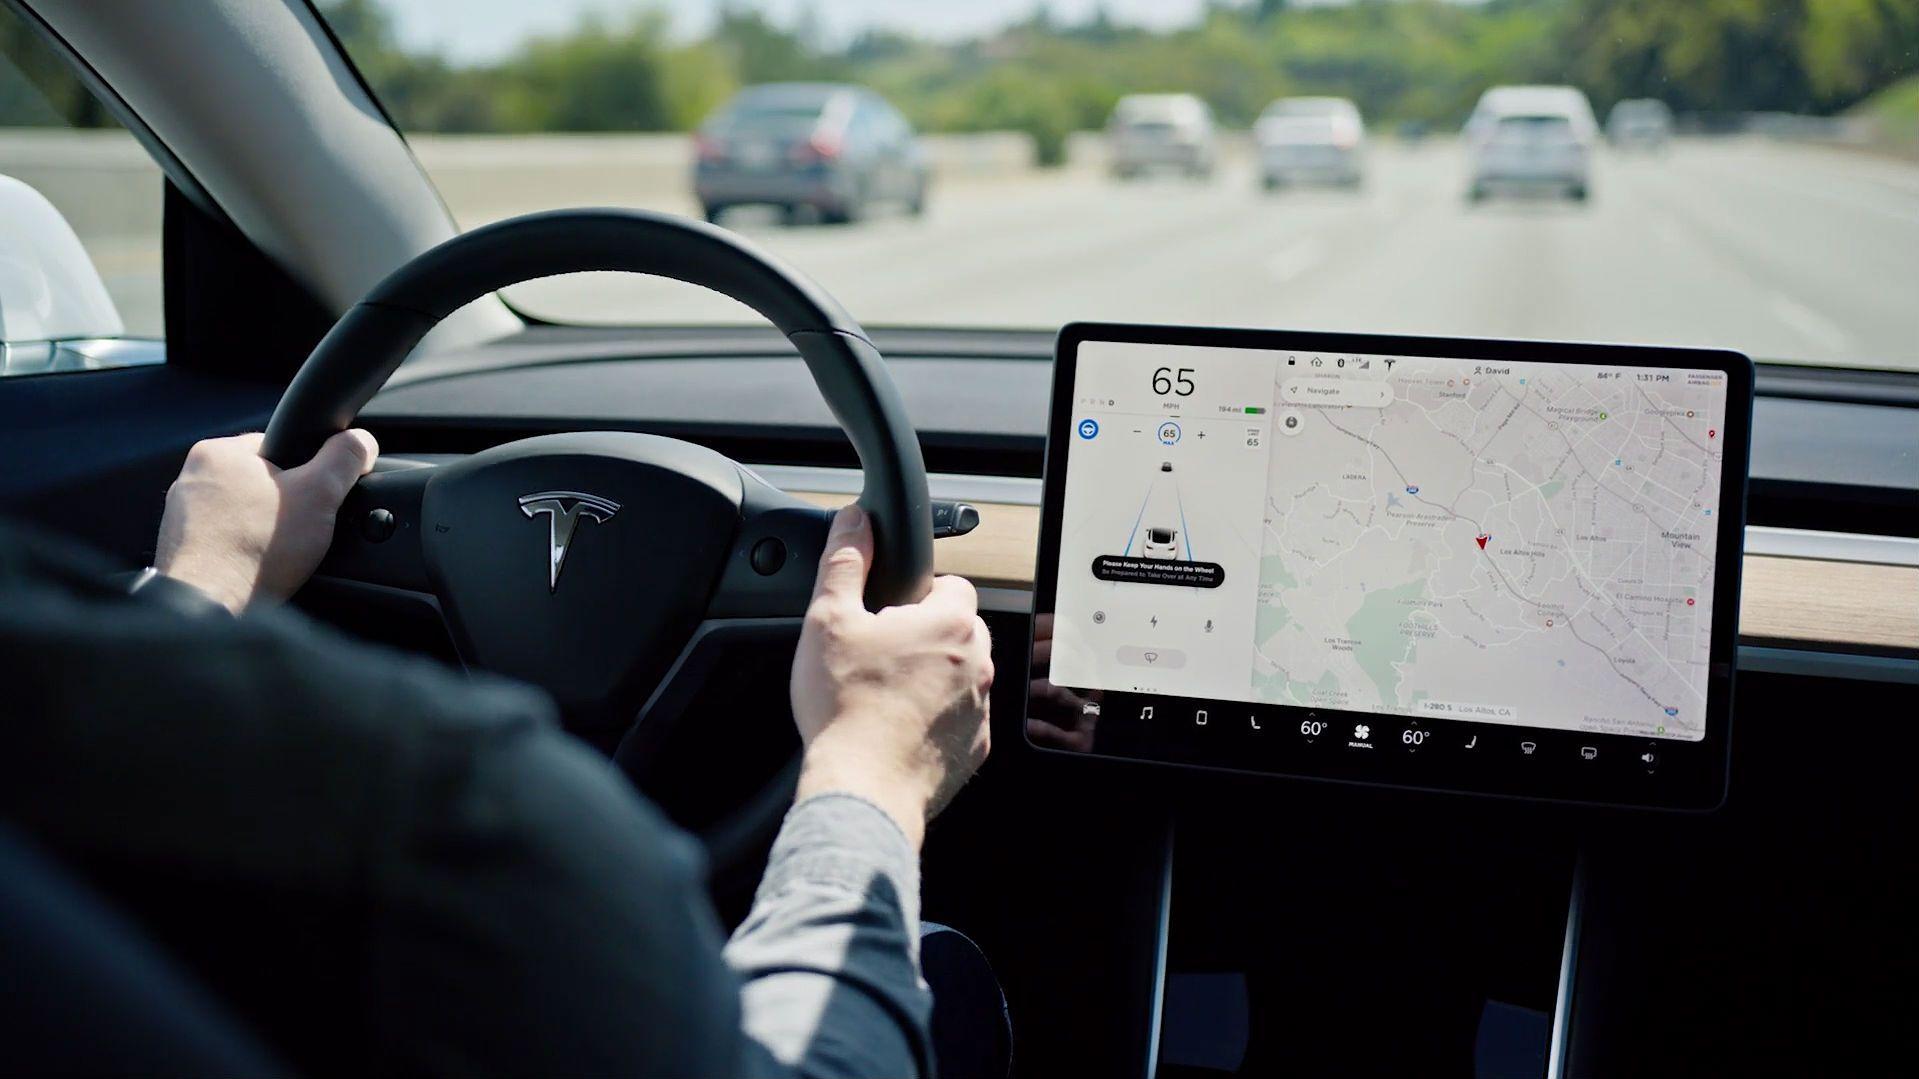 Tesla slipper juleoppdatering – lover sniktitt på selvkjøring